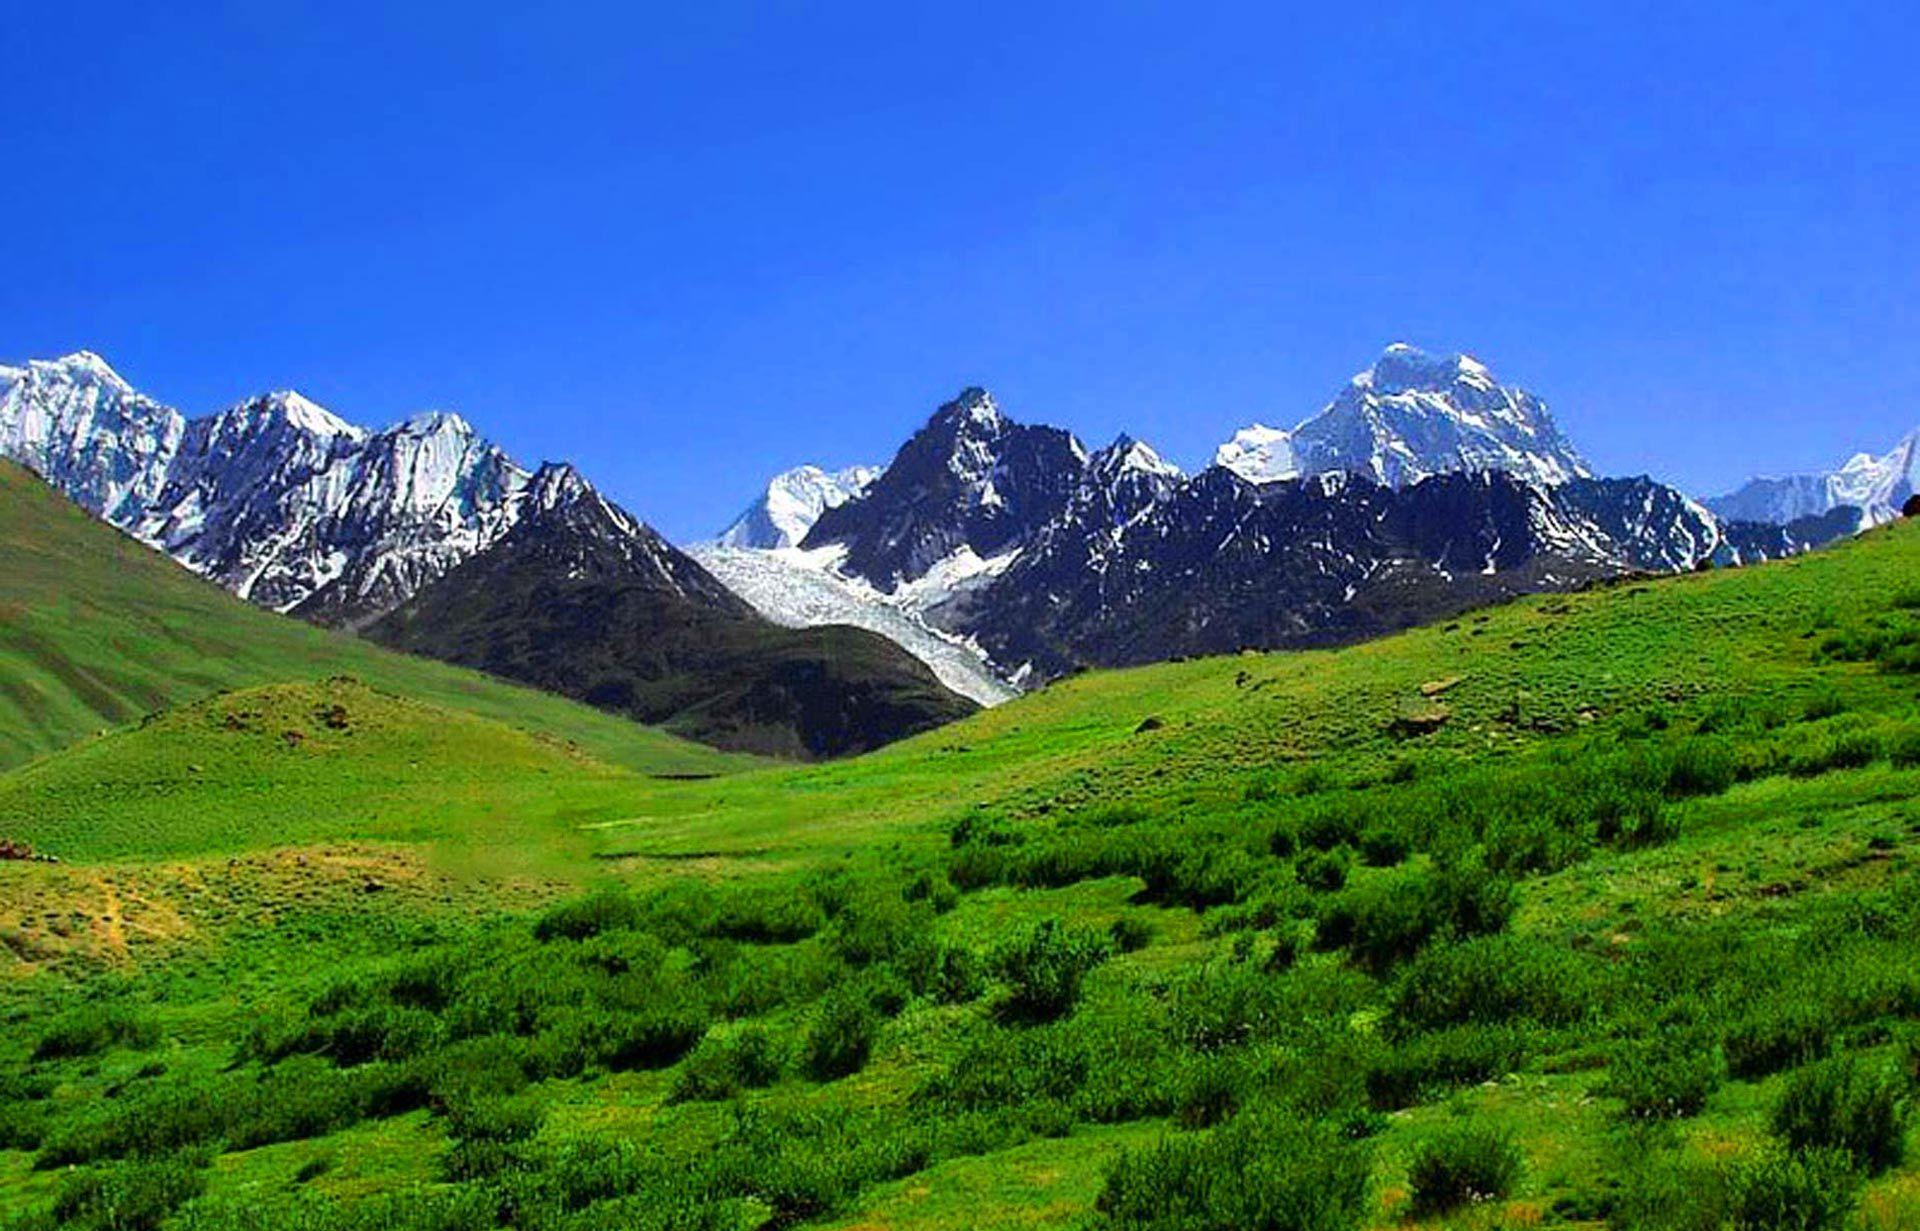 Fondo Escritorio Picos Montañas Nevadas: Fondo Pantalla Montañas Nevadas